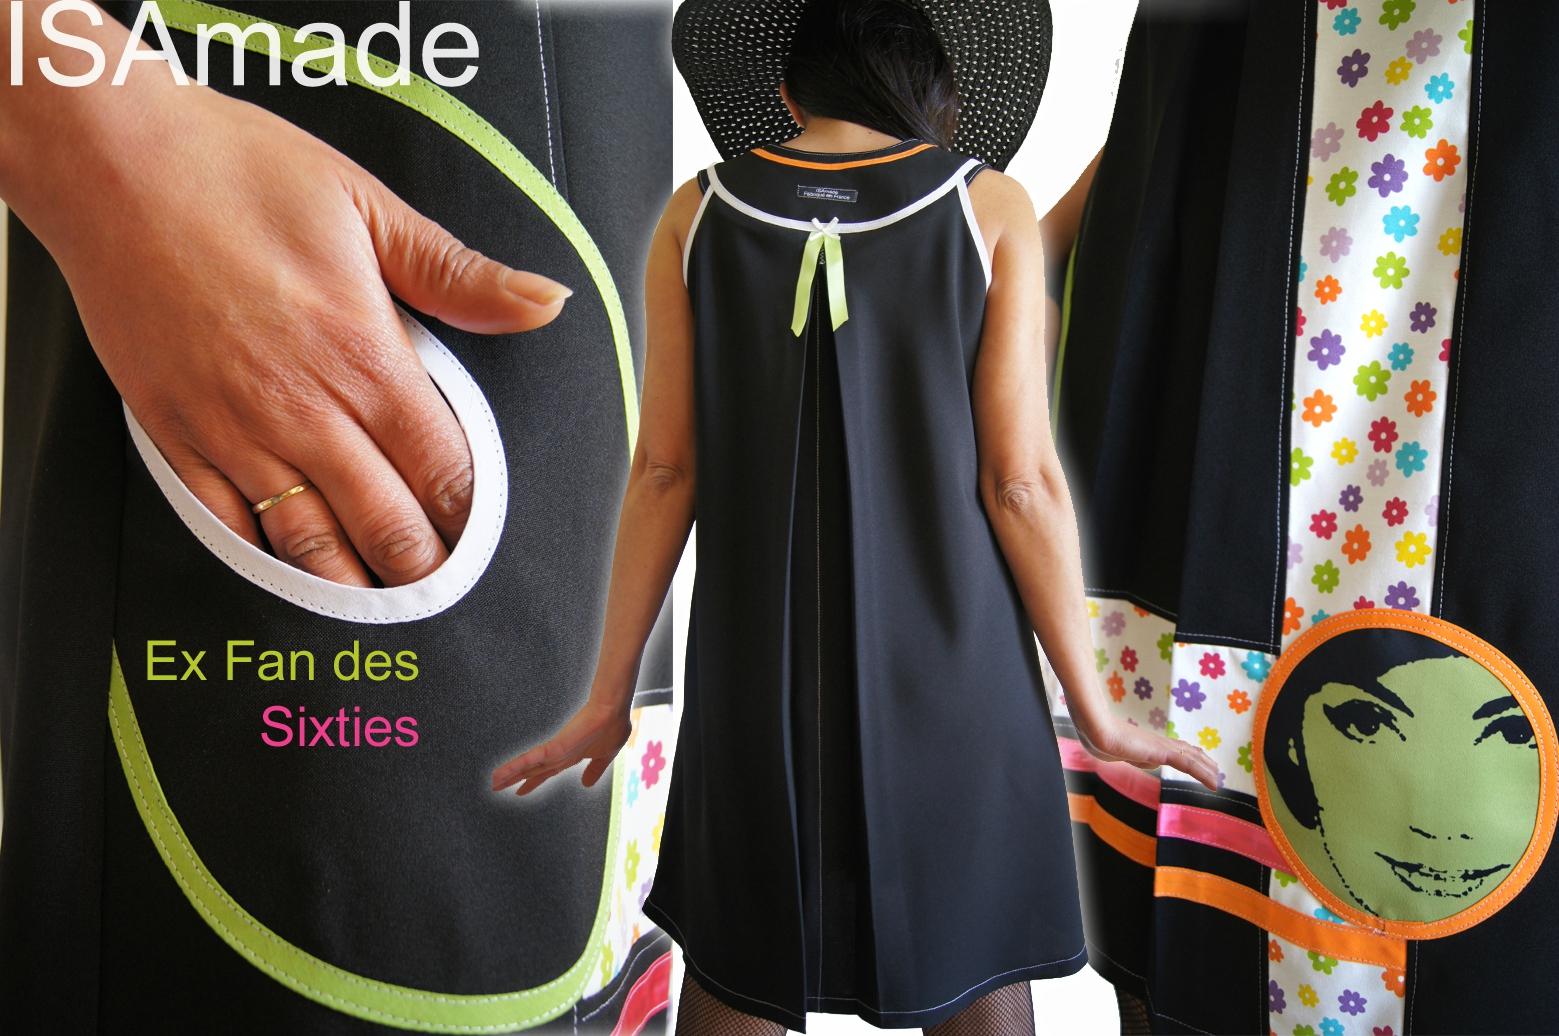 Robe trapèze Graphique Noire/ blanche imprimé fleurs multicolores70's et visage Stylisé